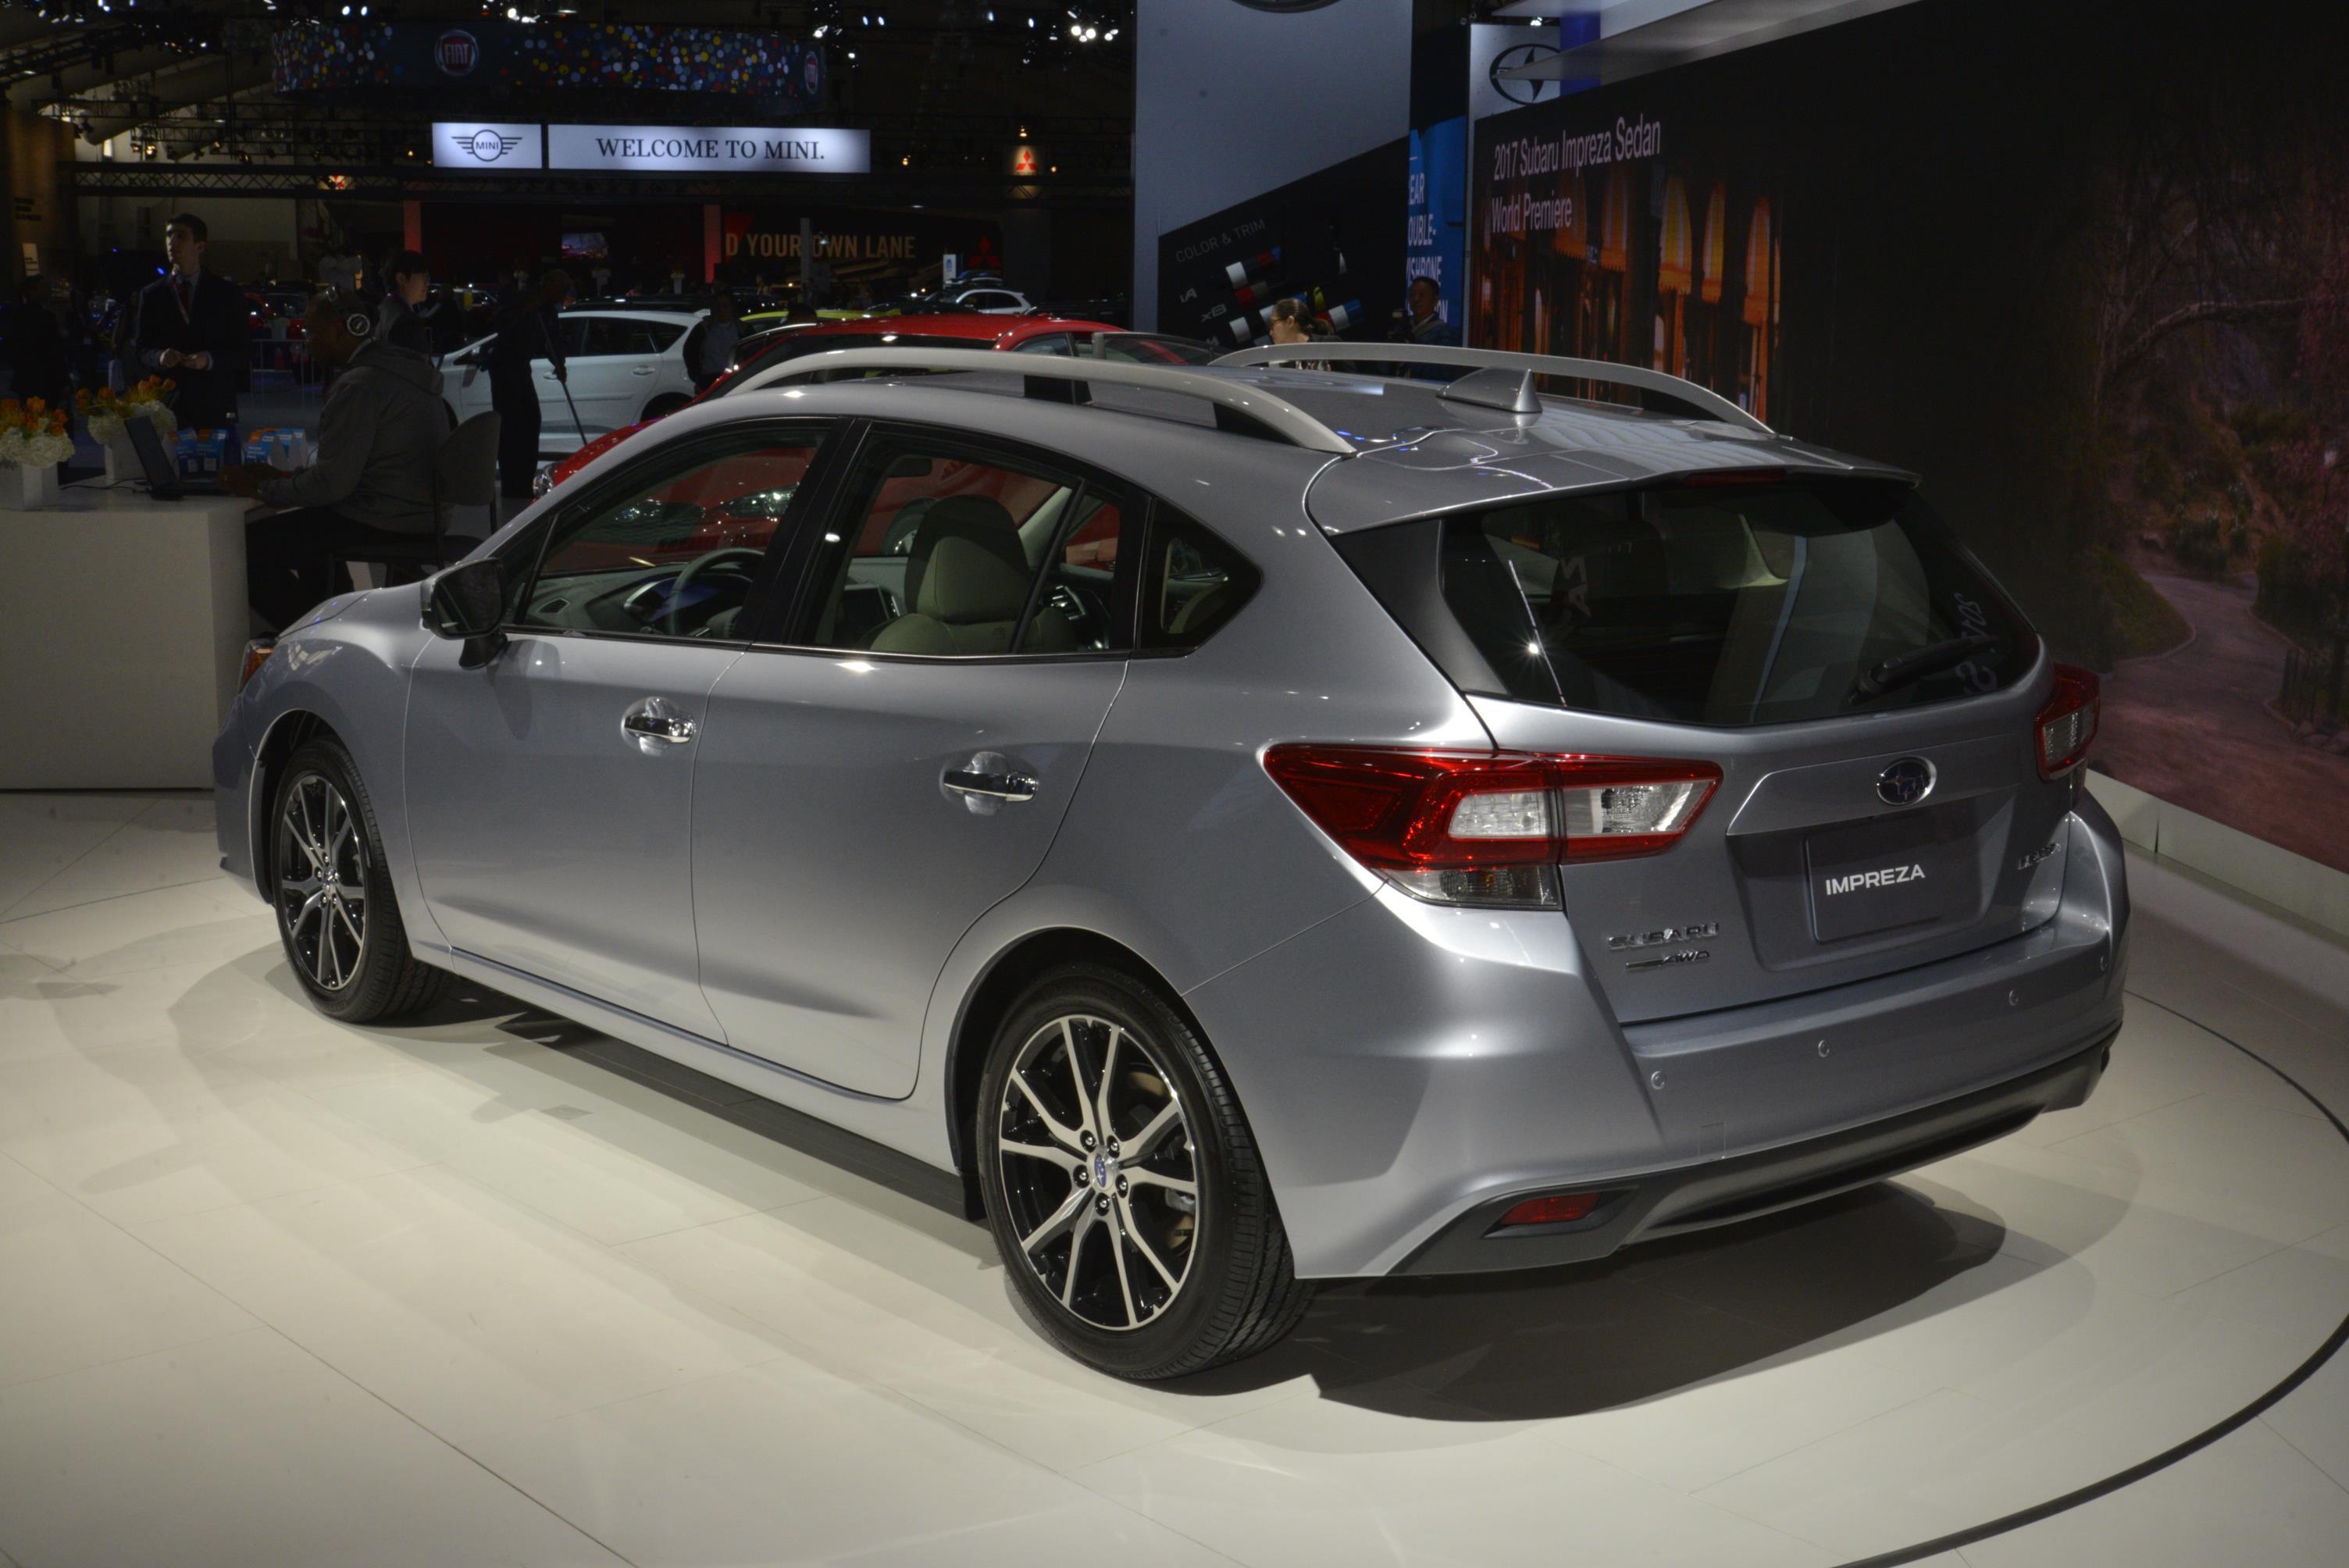 2018 Subaru Impreza Wrx Sti Might Look Like This